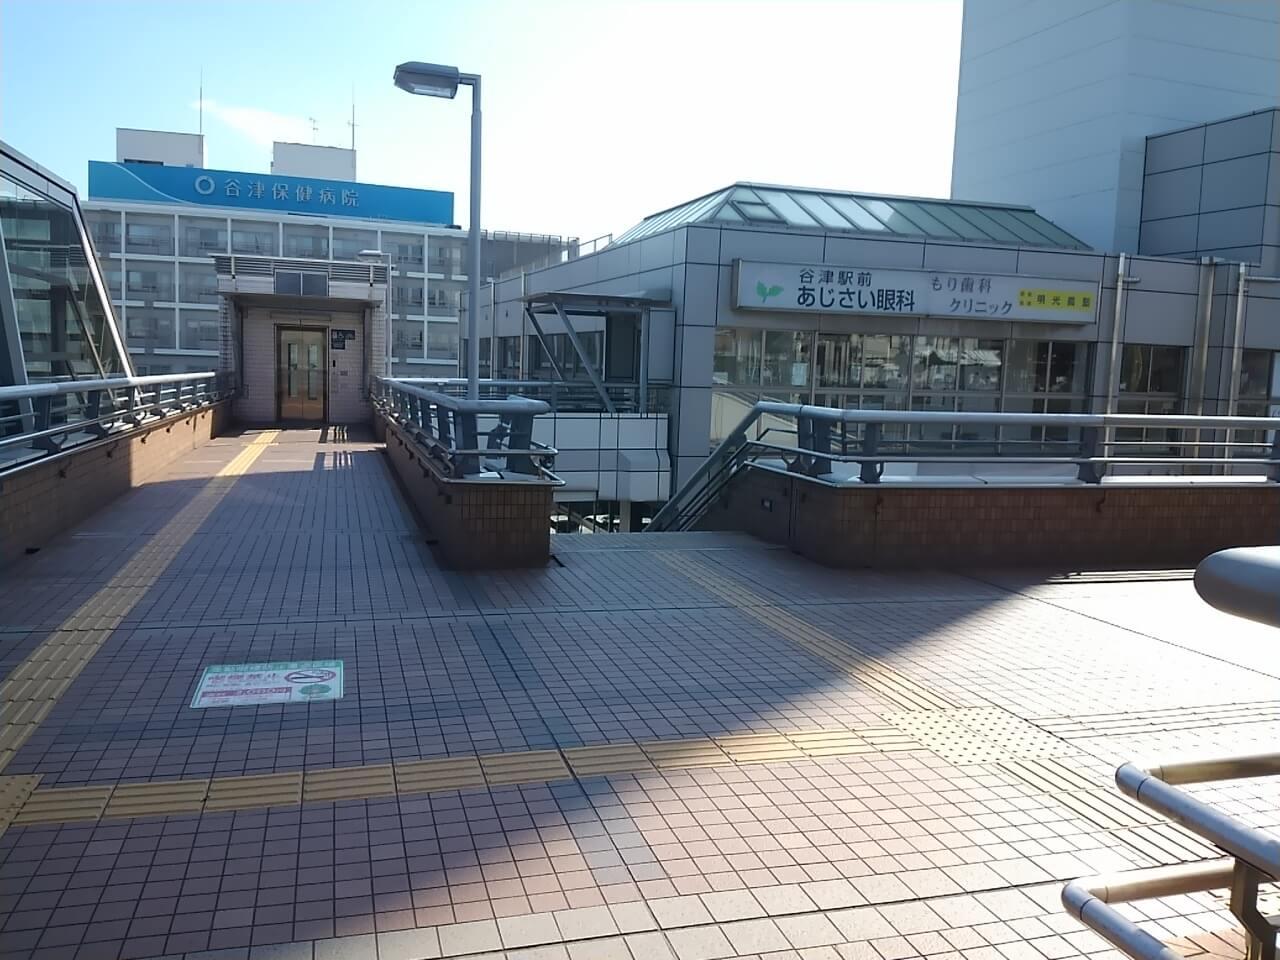 谷津バラ園の最寄り駅からの行き方の谷津駅南口